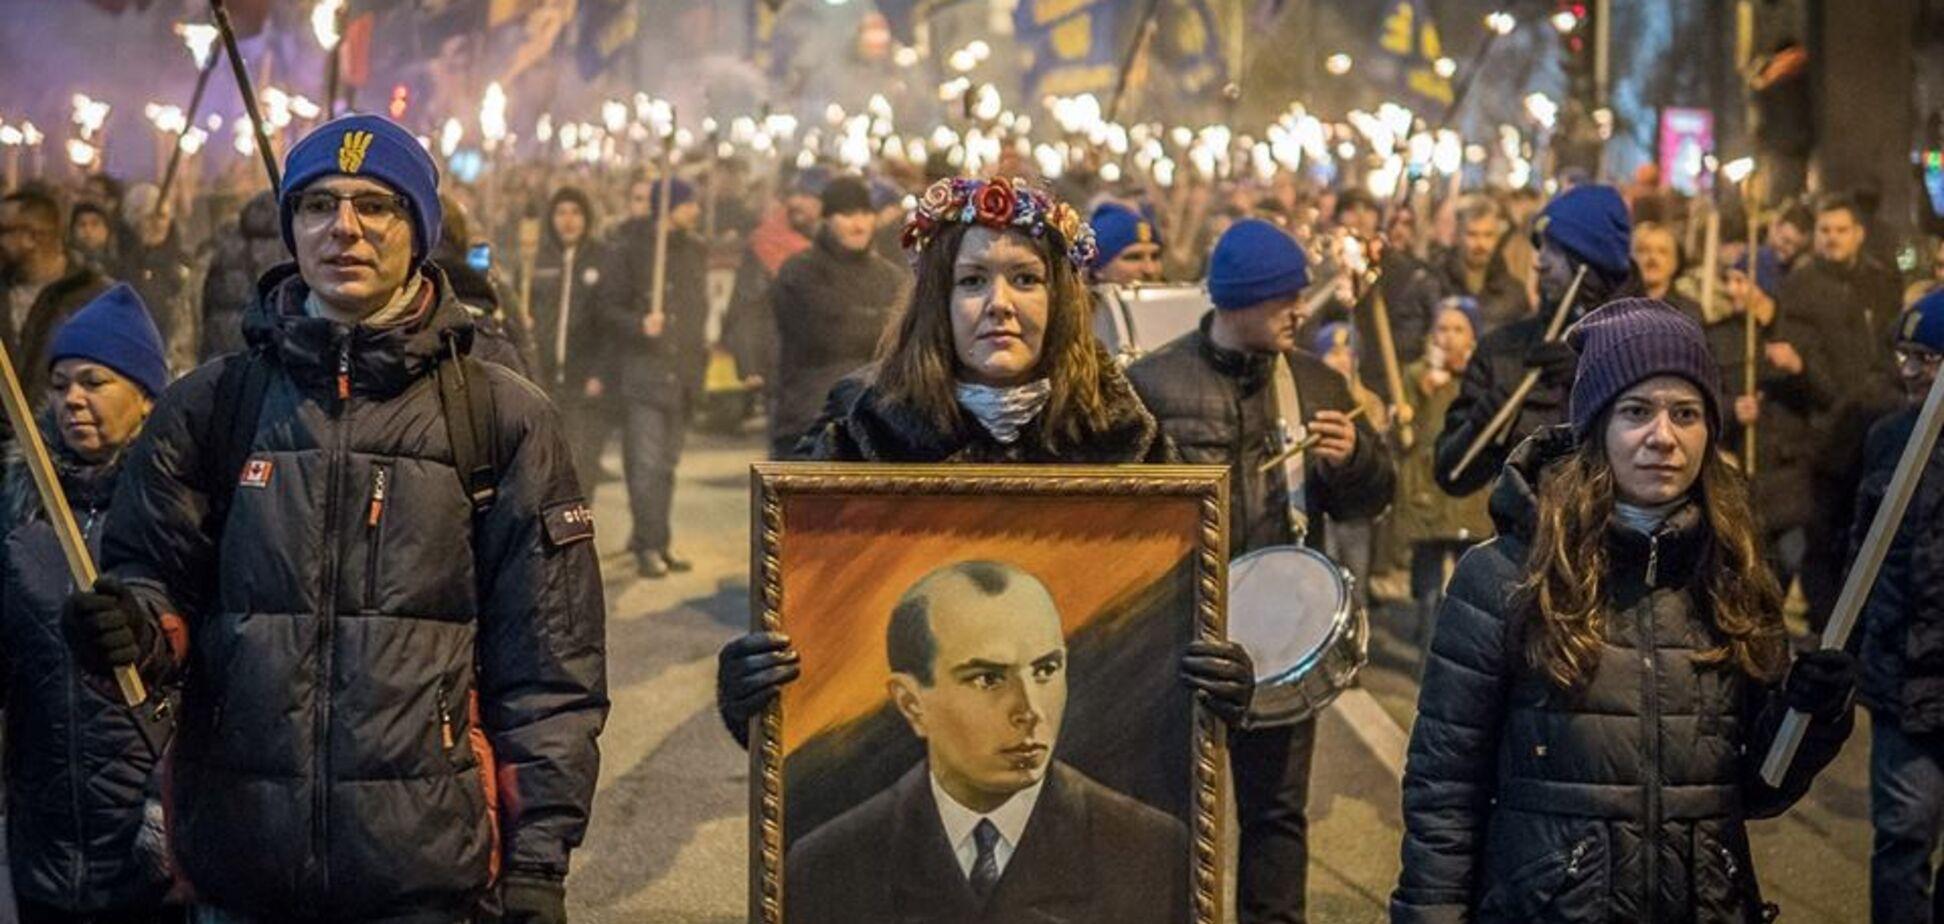 Бандера идет в наступление? Украинский историк рассказал Аксенову о националистах